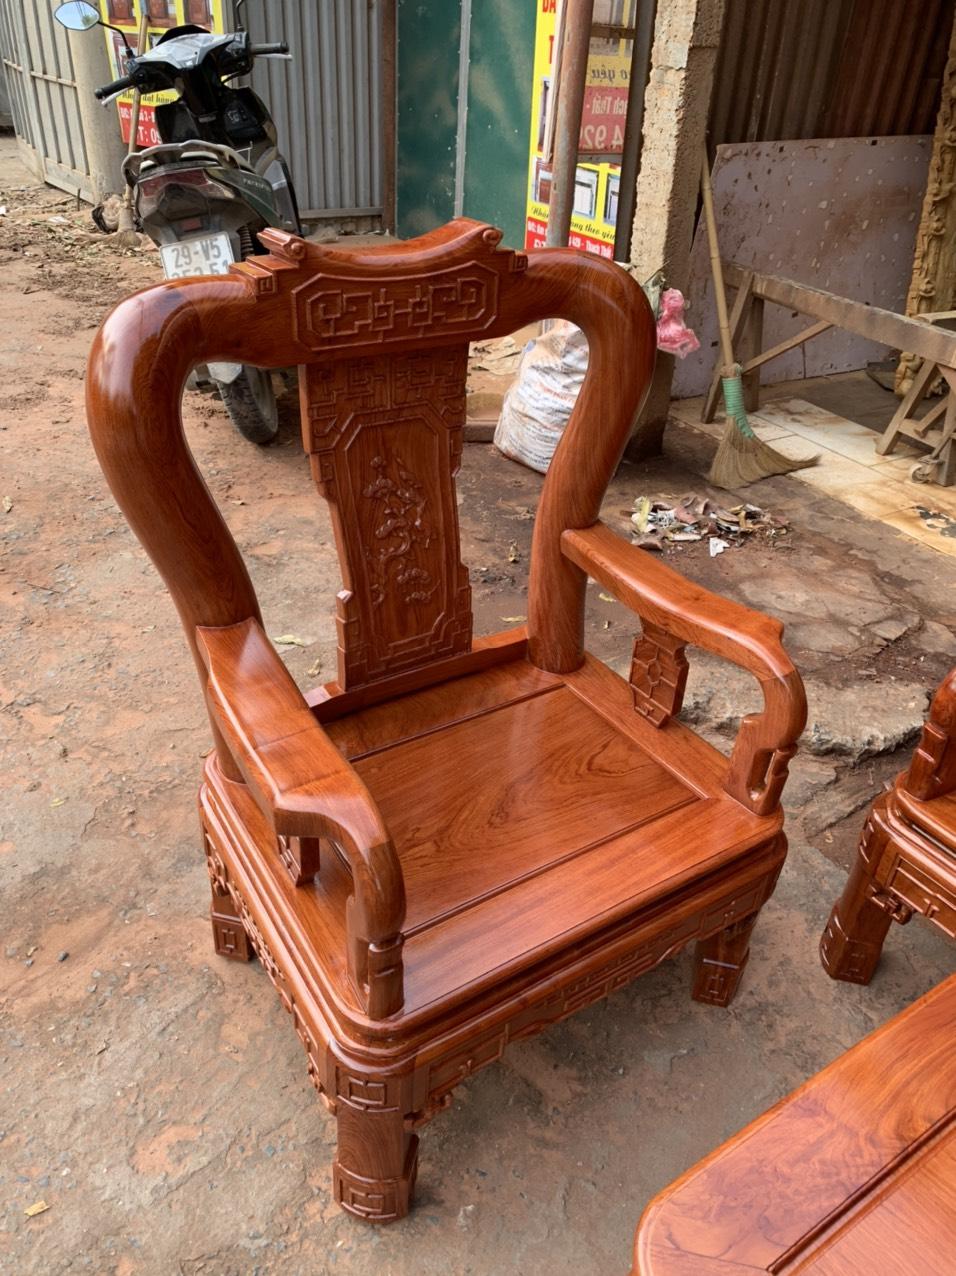 bo ban ghe minh quoc trien tay 10 go huong da - Bộ bàn ghế Minh Quốc triện tay 10 gỗ hương đá